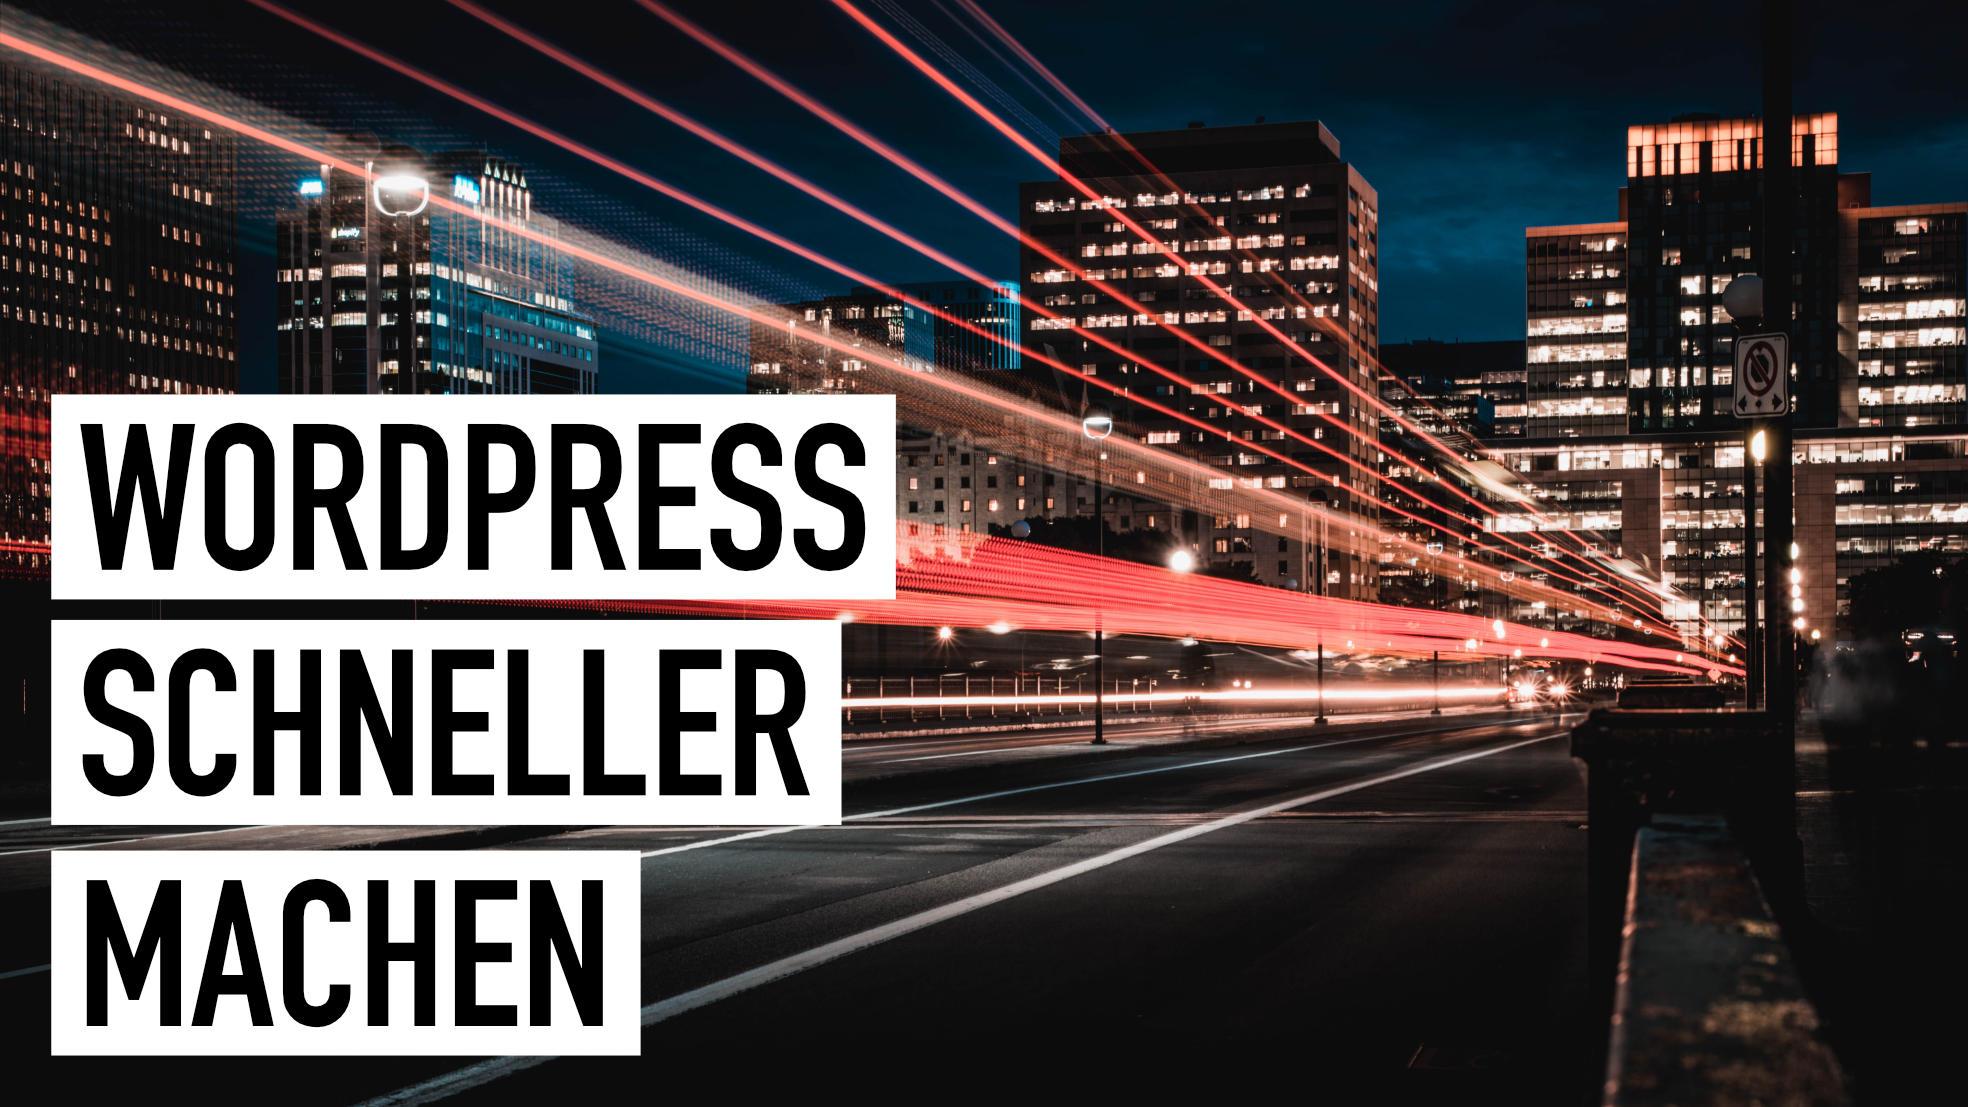 WordPress schneller machen: 7 Tipps zur Optimierung der Ladezeit